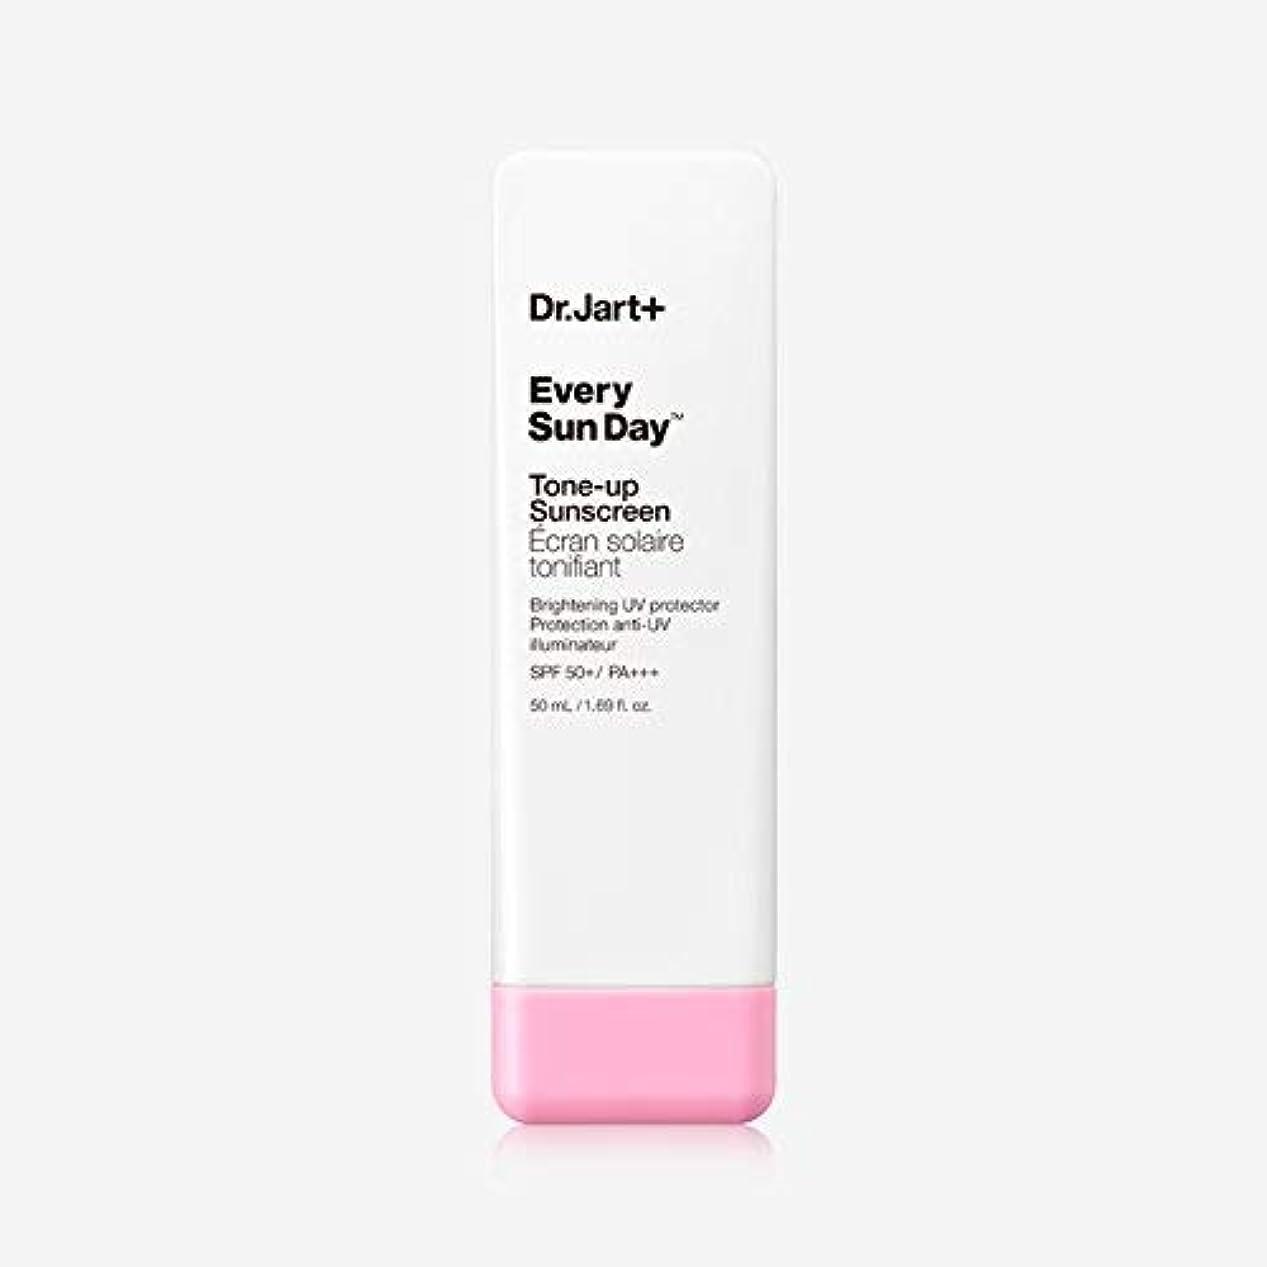 真面目なパイント帝国主義Dr.Jart+ Every Sun Day Tone-up Sunscreen SPF50+ PA+++ 50ml / ドクタージャルトゥエヴリサンデートーンアップサンスクリーンSPF50+PA+++50ml [並行輸入品]